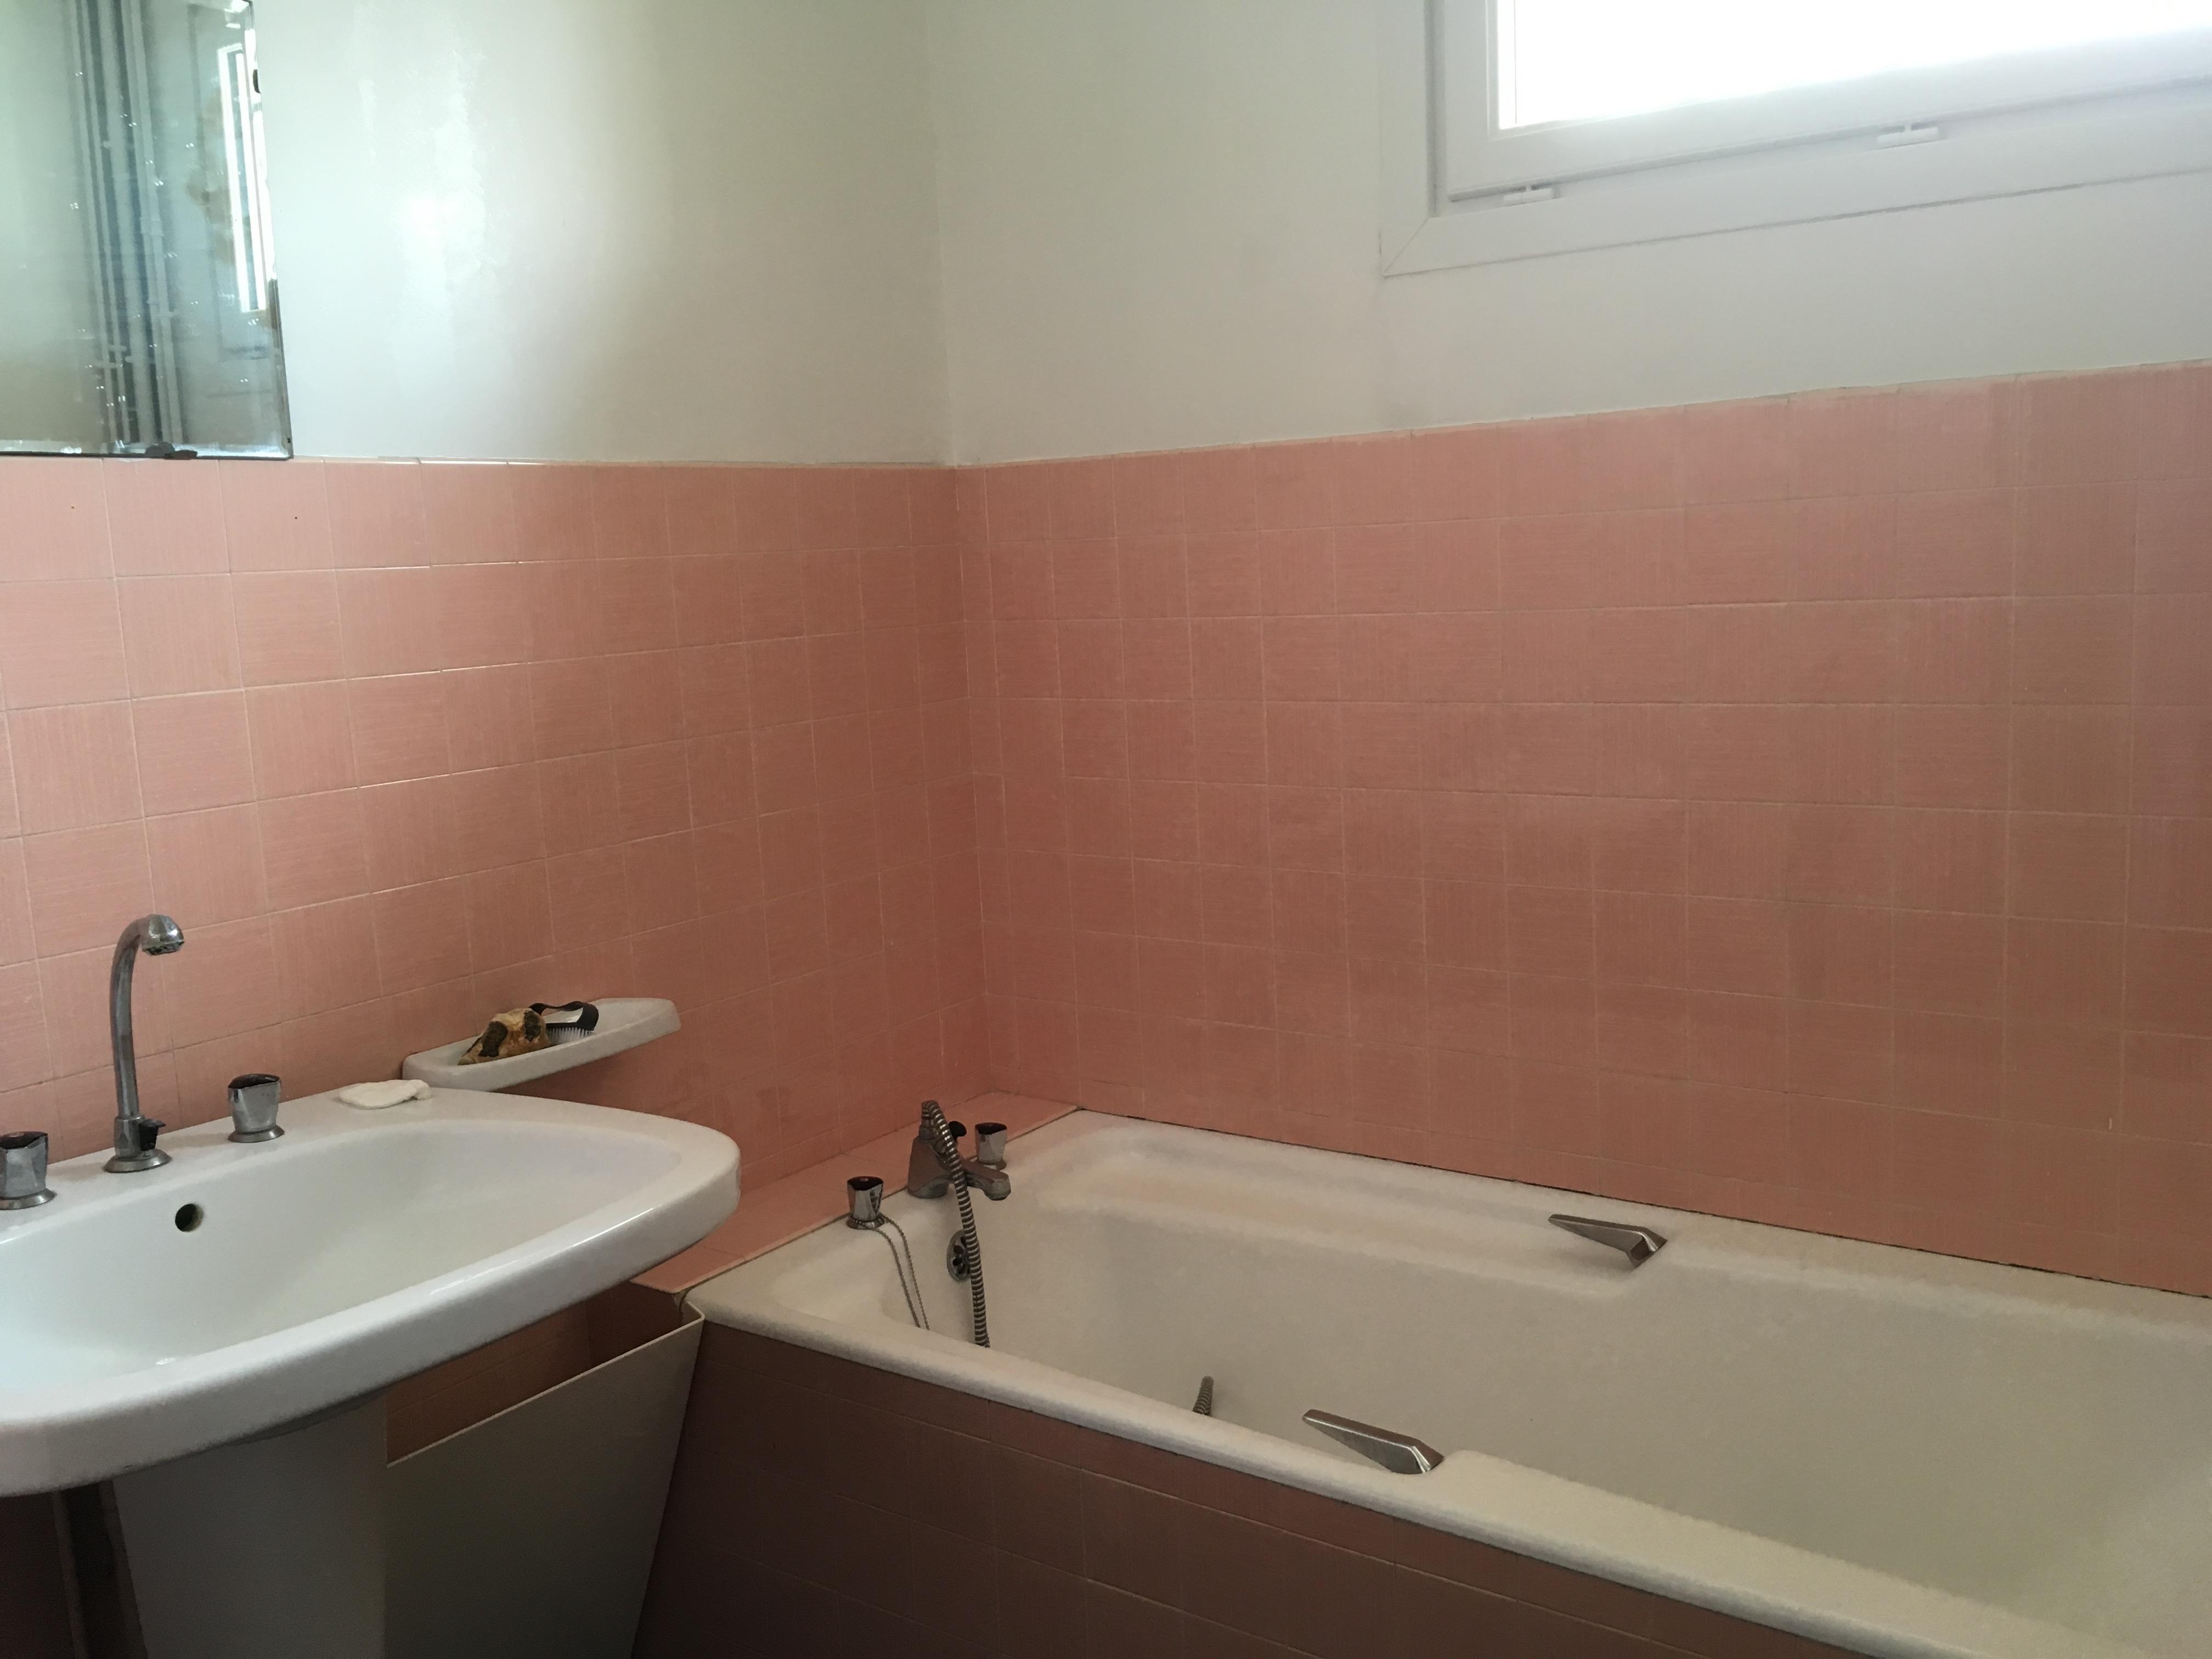 Salle de bains - Villa-Yeure - Sainte Cecile - Cote d'Opale